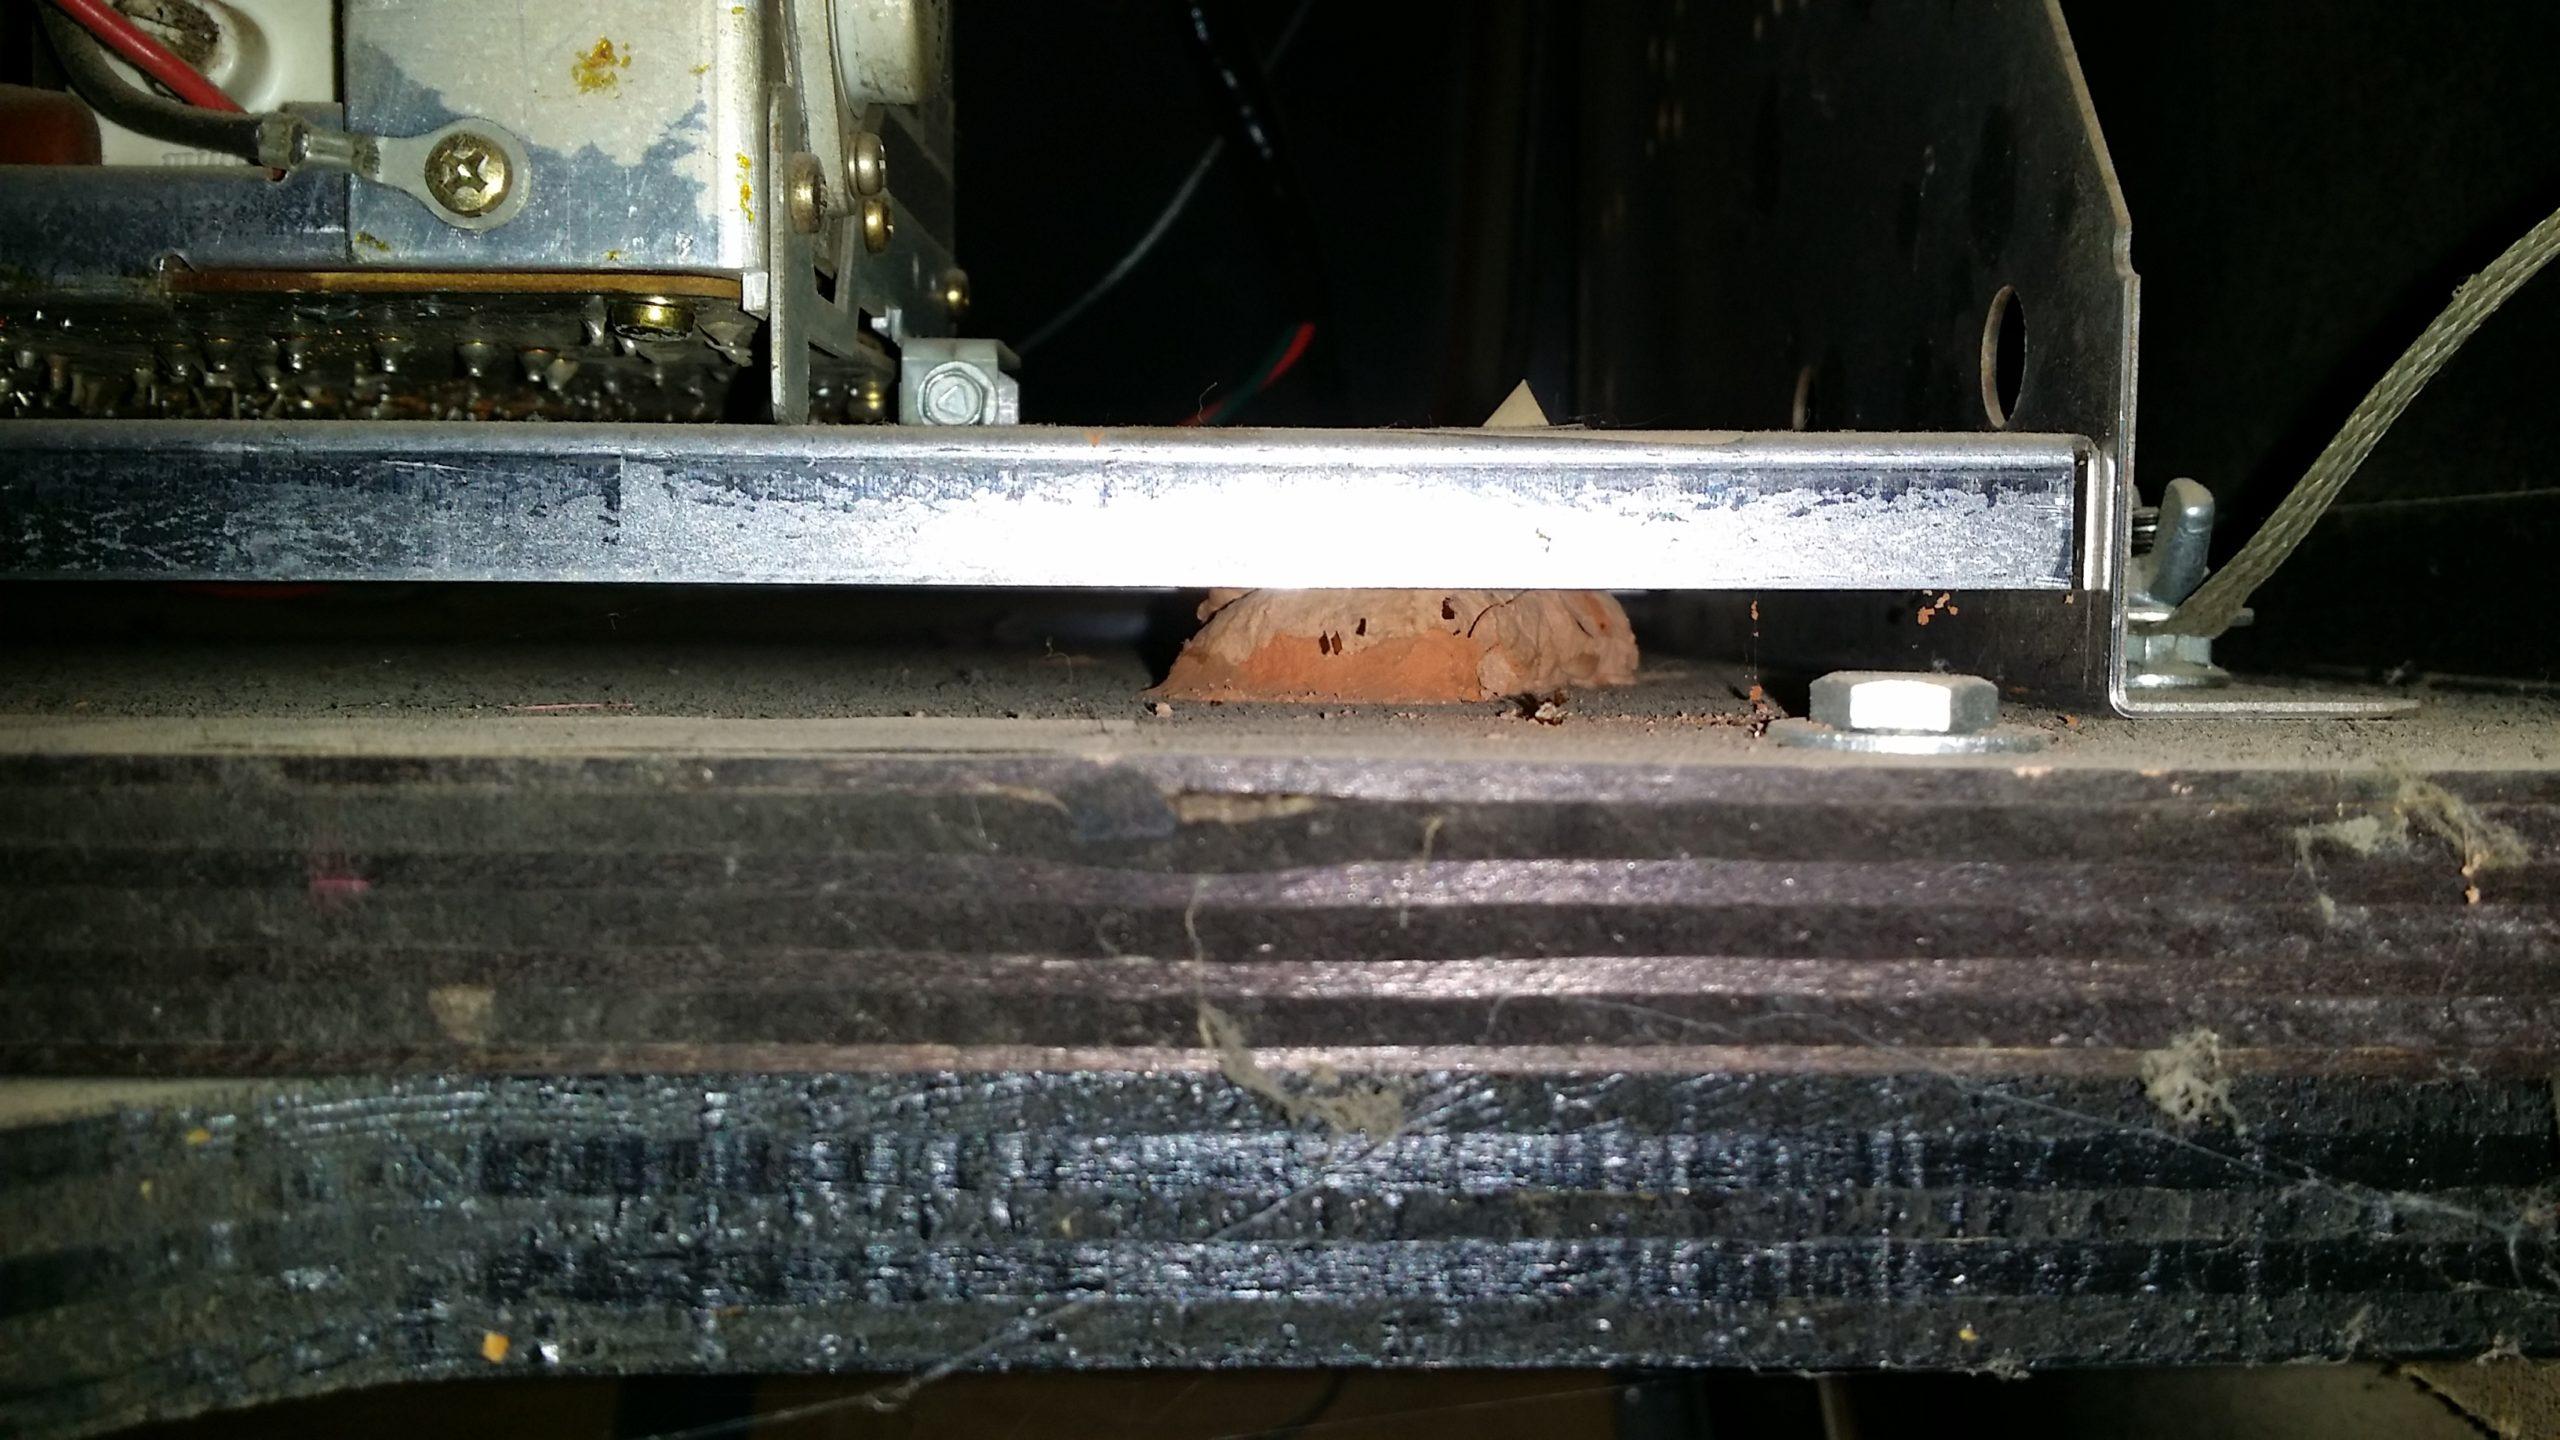 wasp nest under monitor